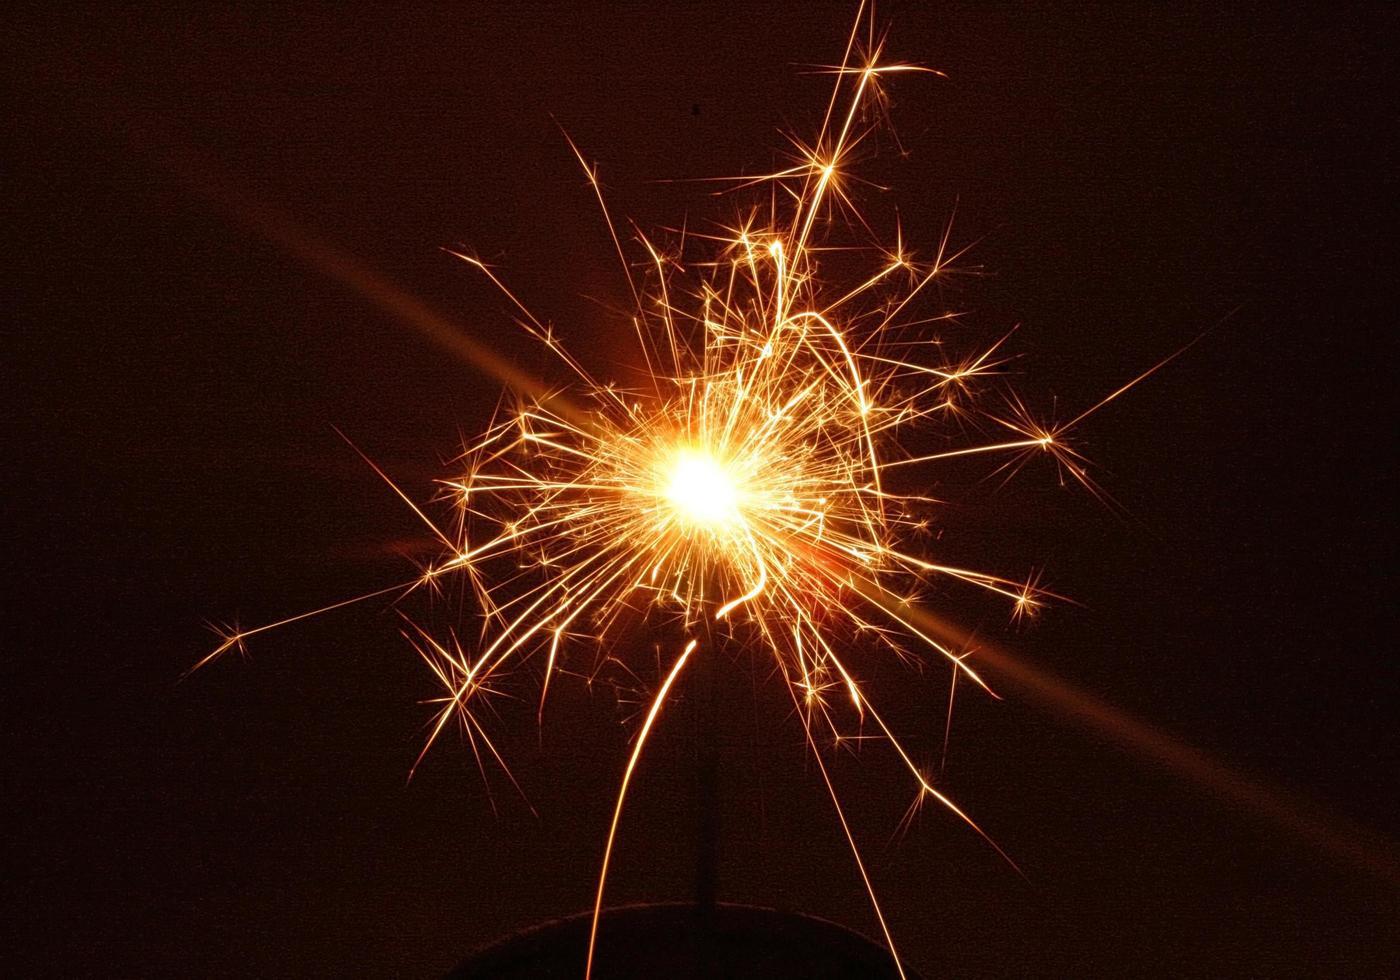 sparkler brillant la nuit photo